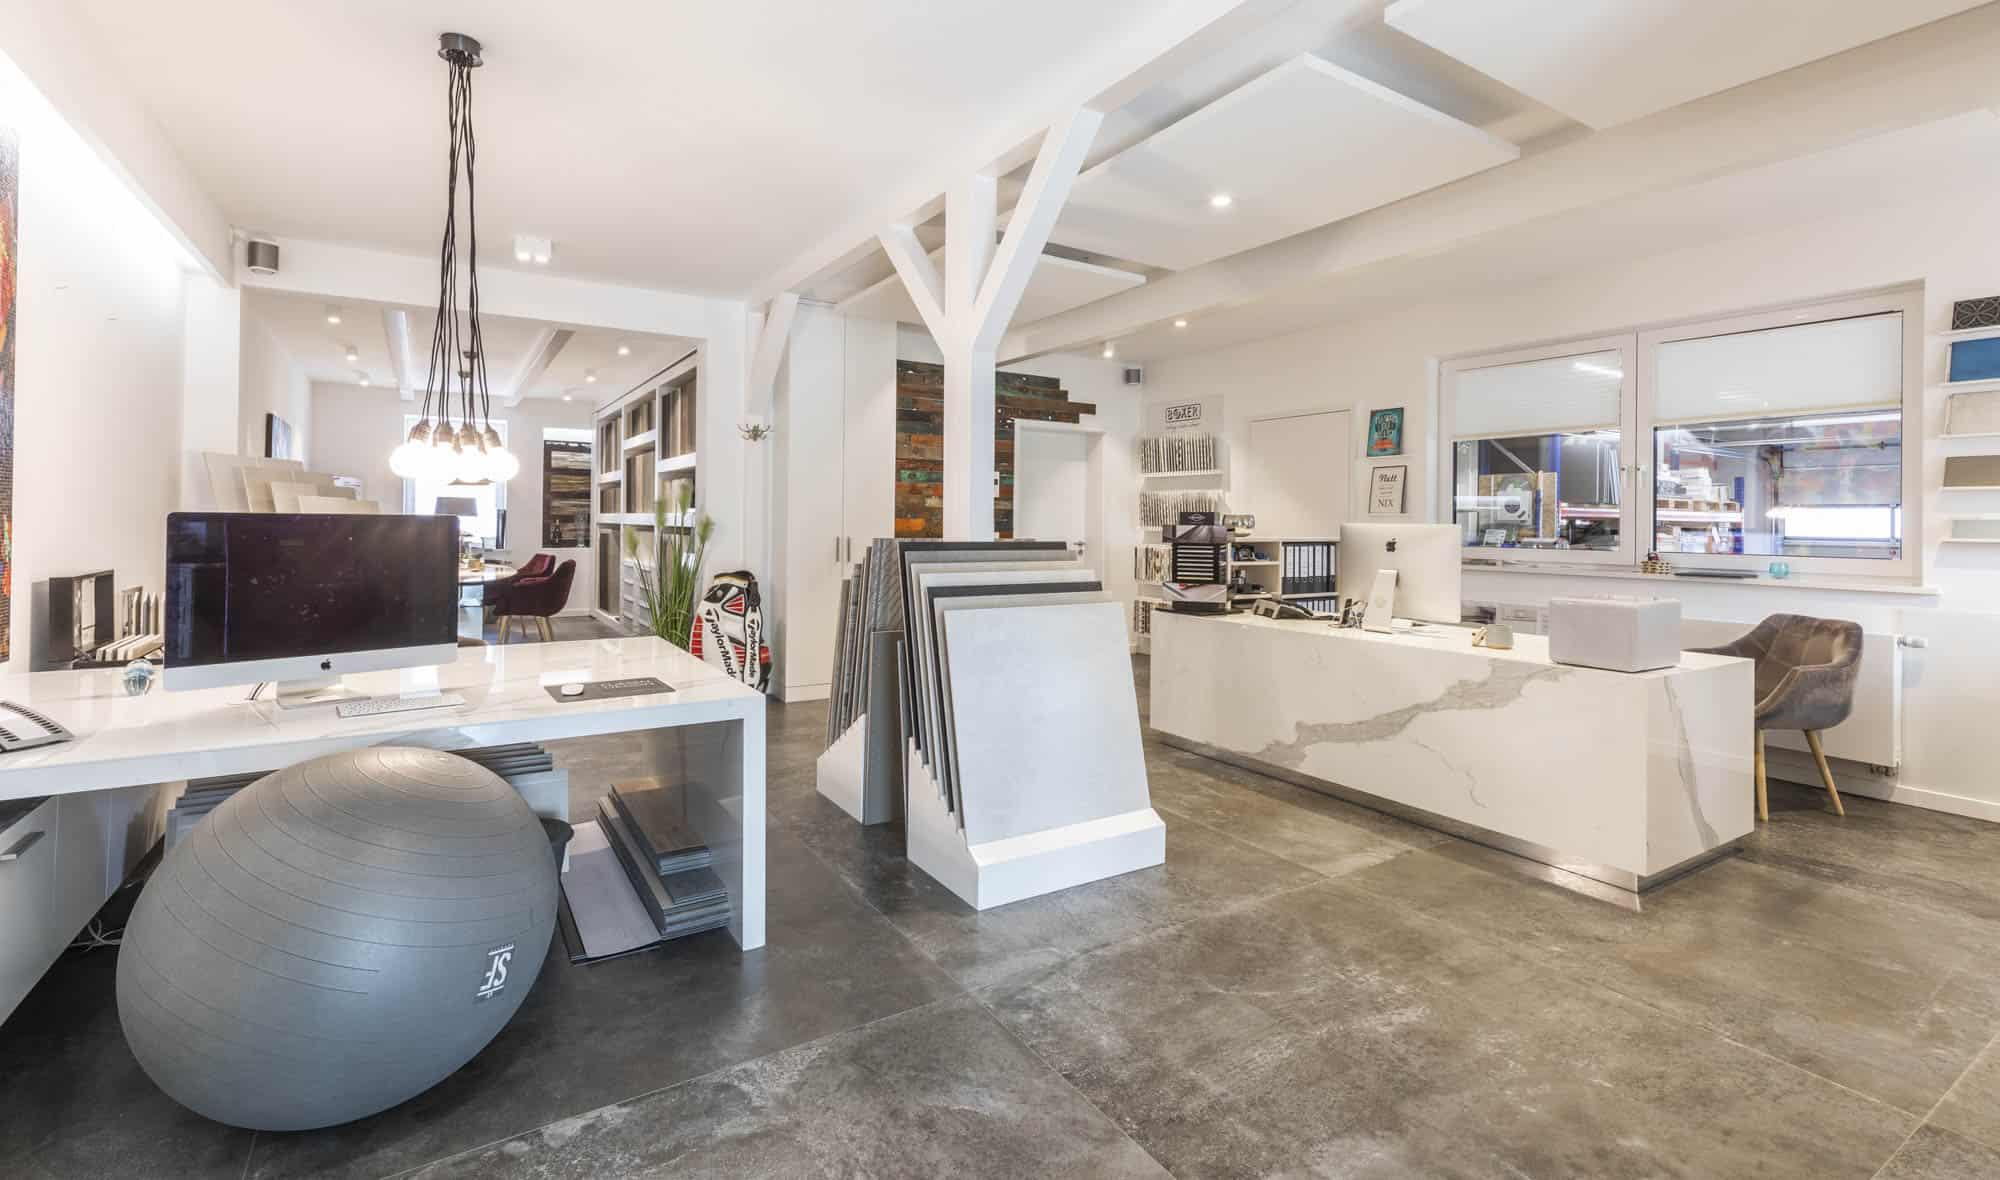 Fliesen Design Showroom Fliesenleger und Fliesen Handel in der Region Lübeck